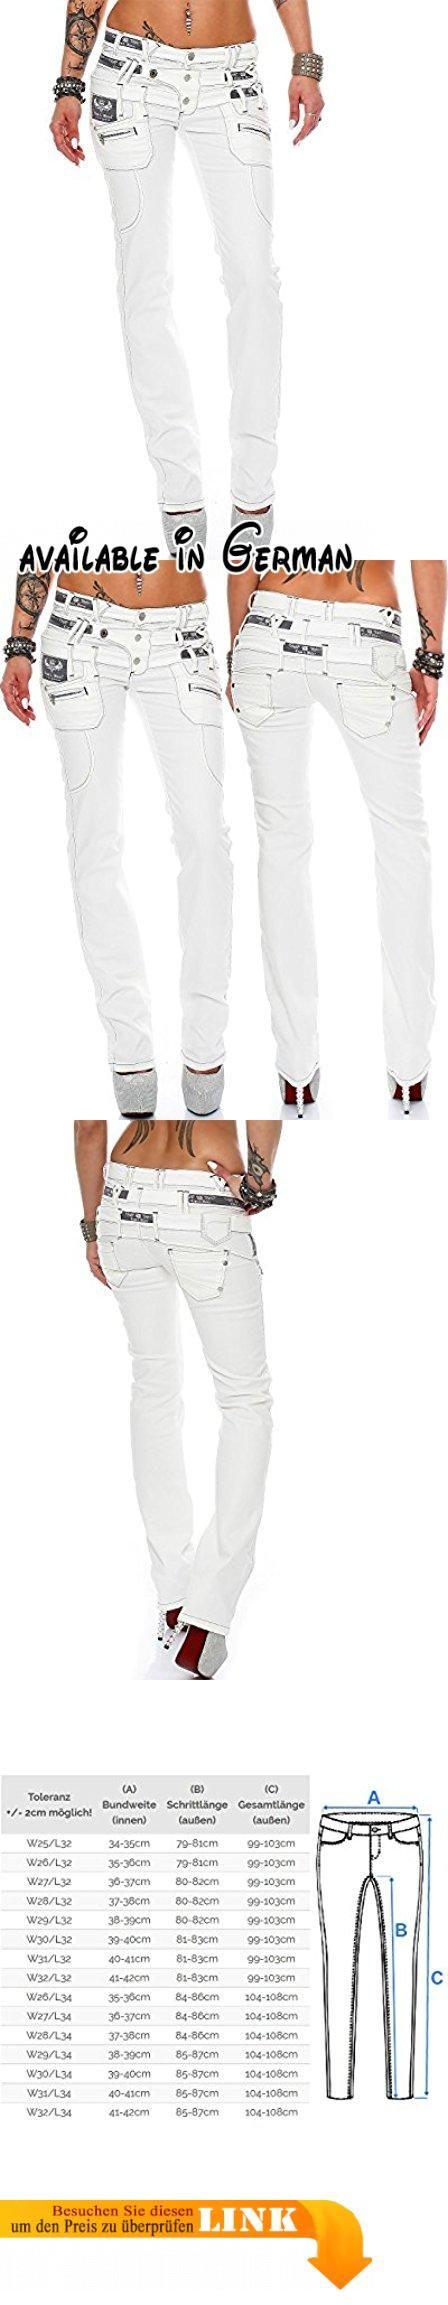 Cipo & Baxx Sexy Damen Jeans Hose Hüftjeans Skinny Regular Fit Stretch Röhre Design. BITTE ACHTEN SIE UNBEDINGT AUF DIE GRÖßENTABELLE (SIEHE BILD). Slim Fit (körperbetonter Schnitt). Trendige Jeans mit hoher Qualität. Weiß. Mit Knöpfen und einem Reißverschluss #Apparel #PANTS